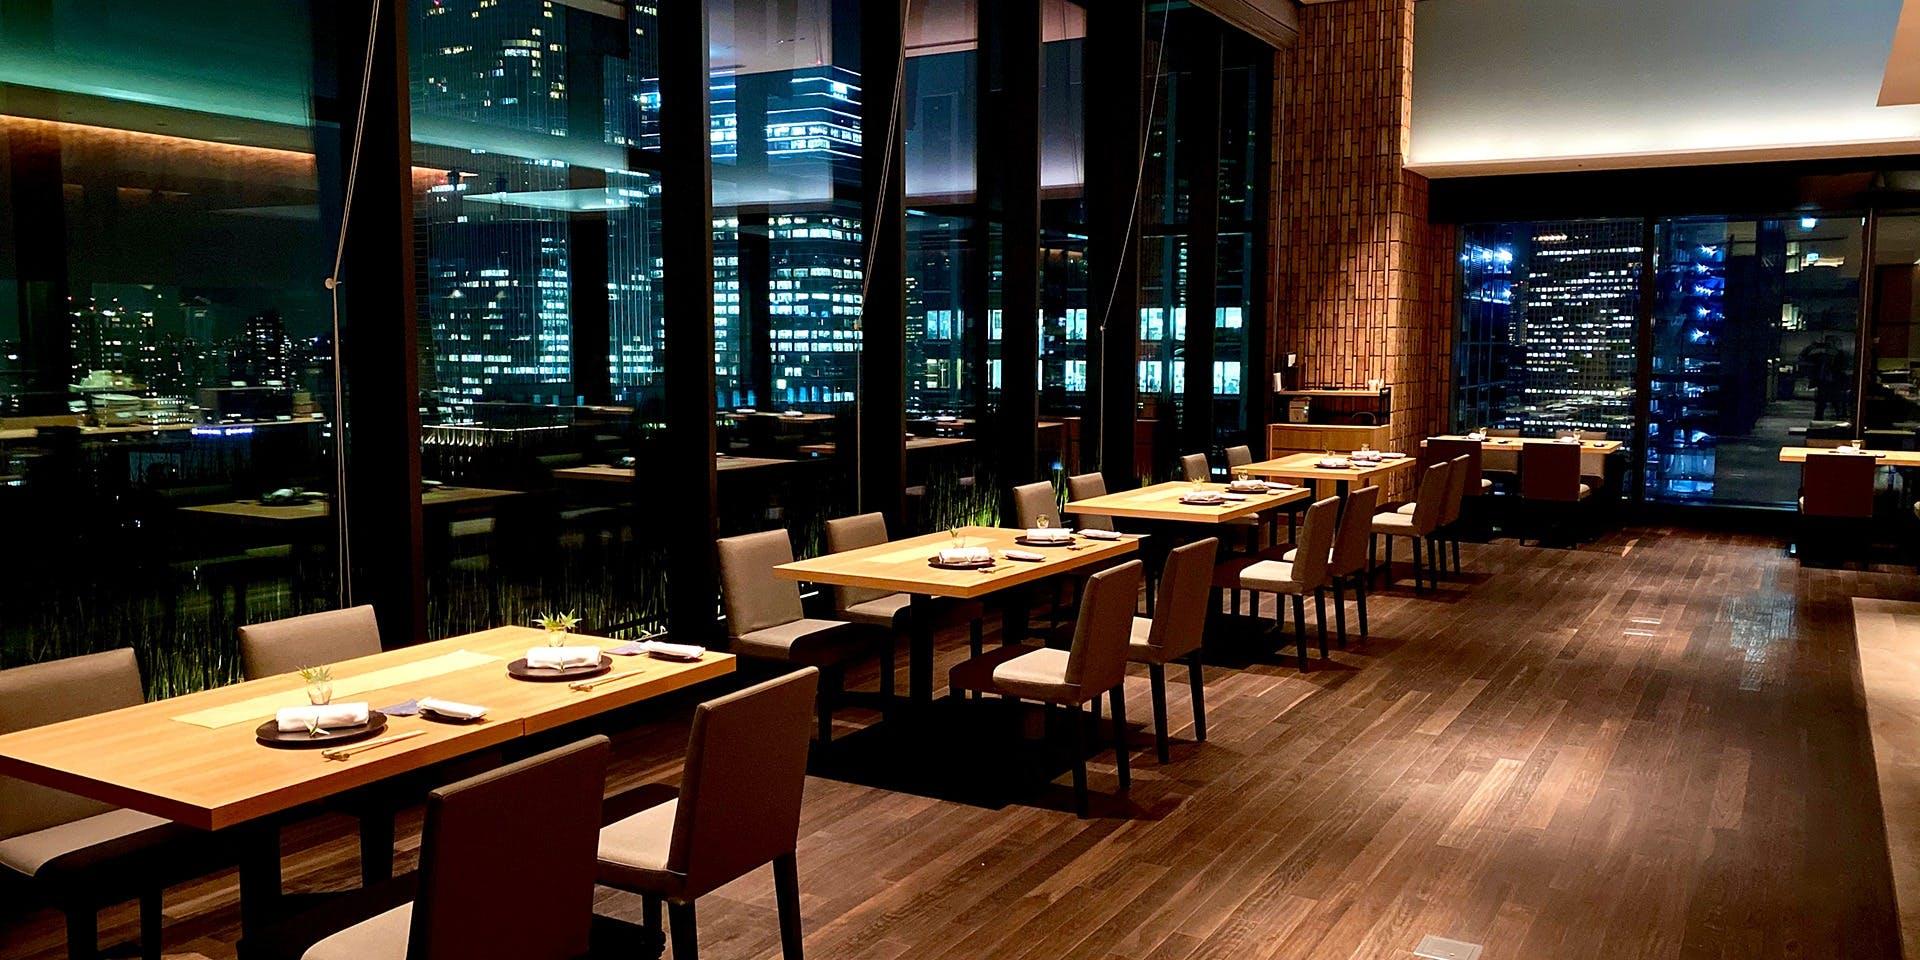 記念日におすすめのレストラン・十十六 / THE BLOSSOM HIBIYAの写真1